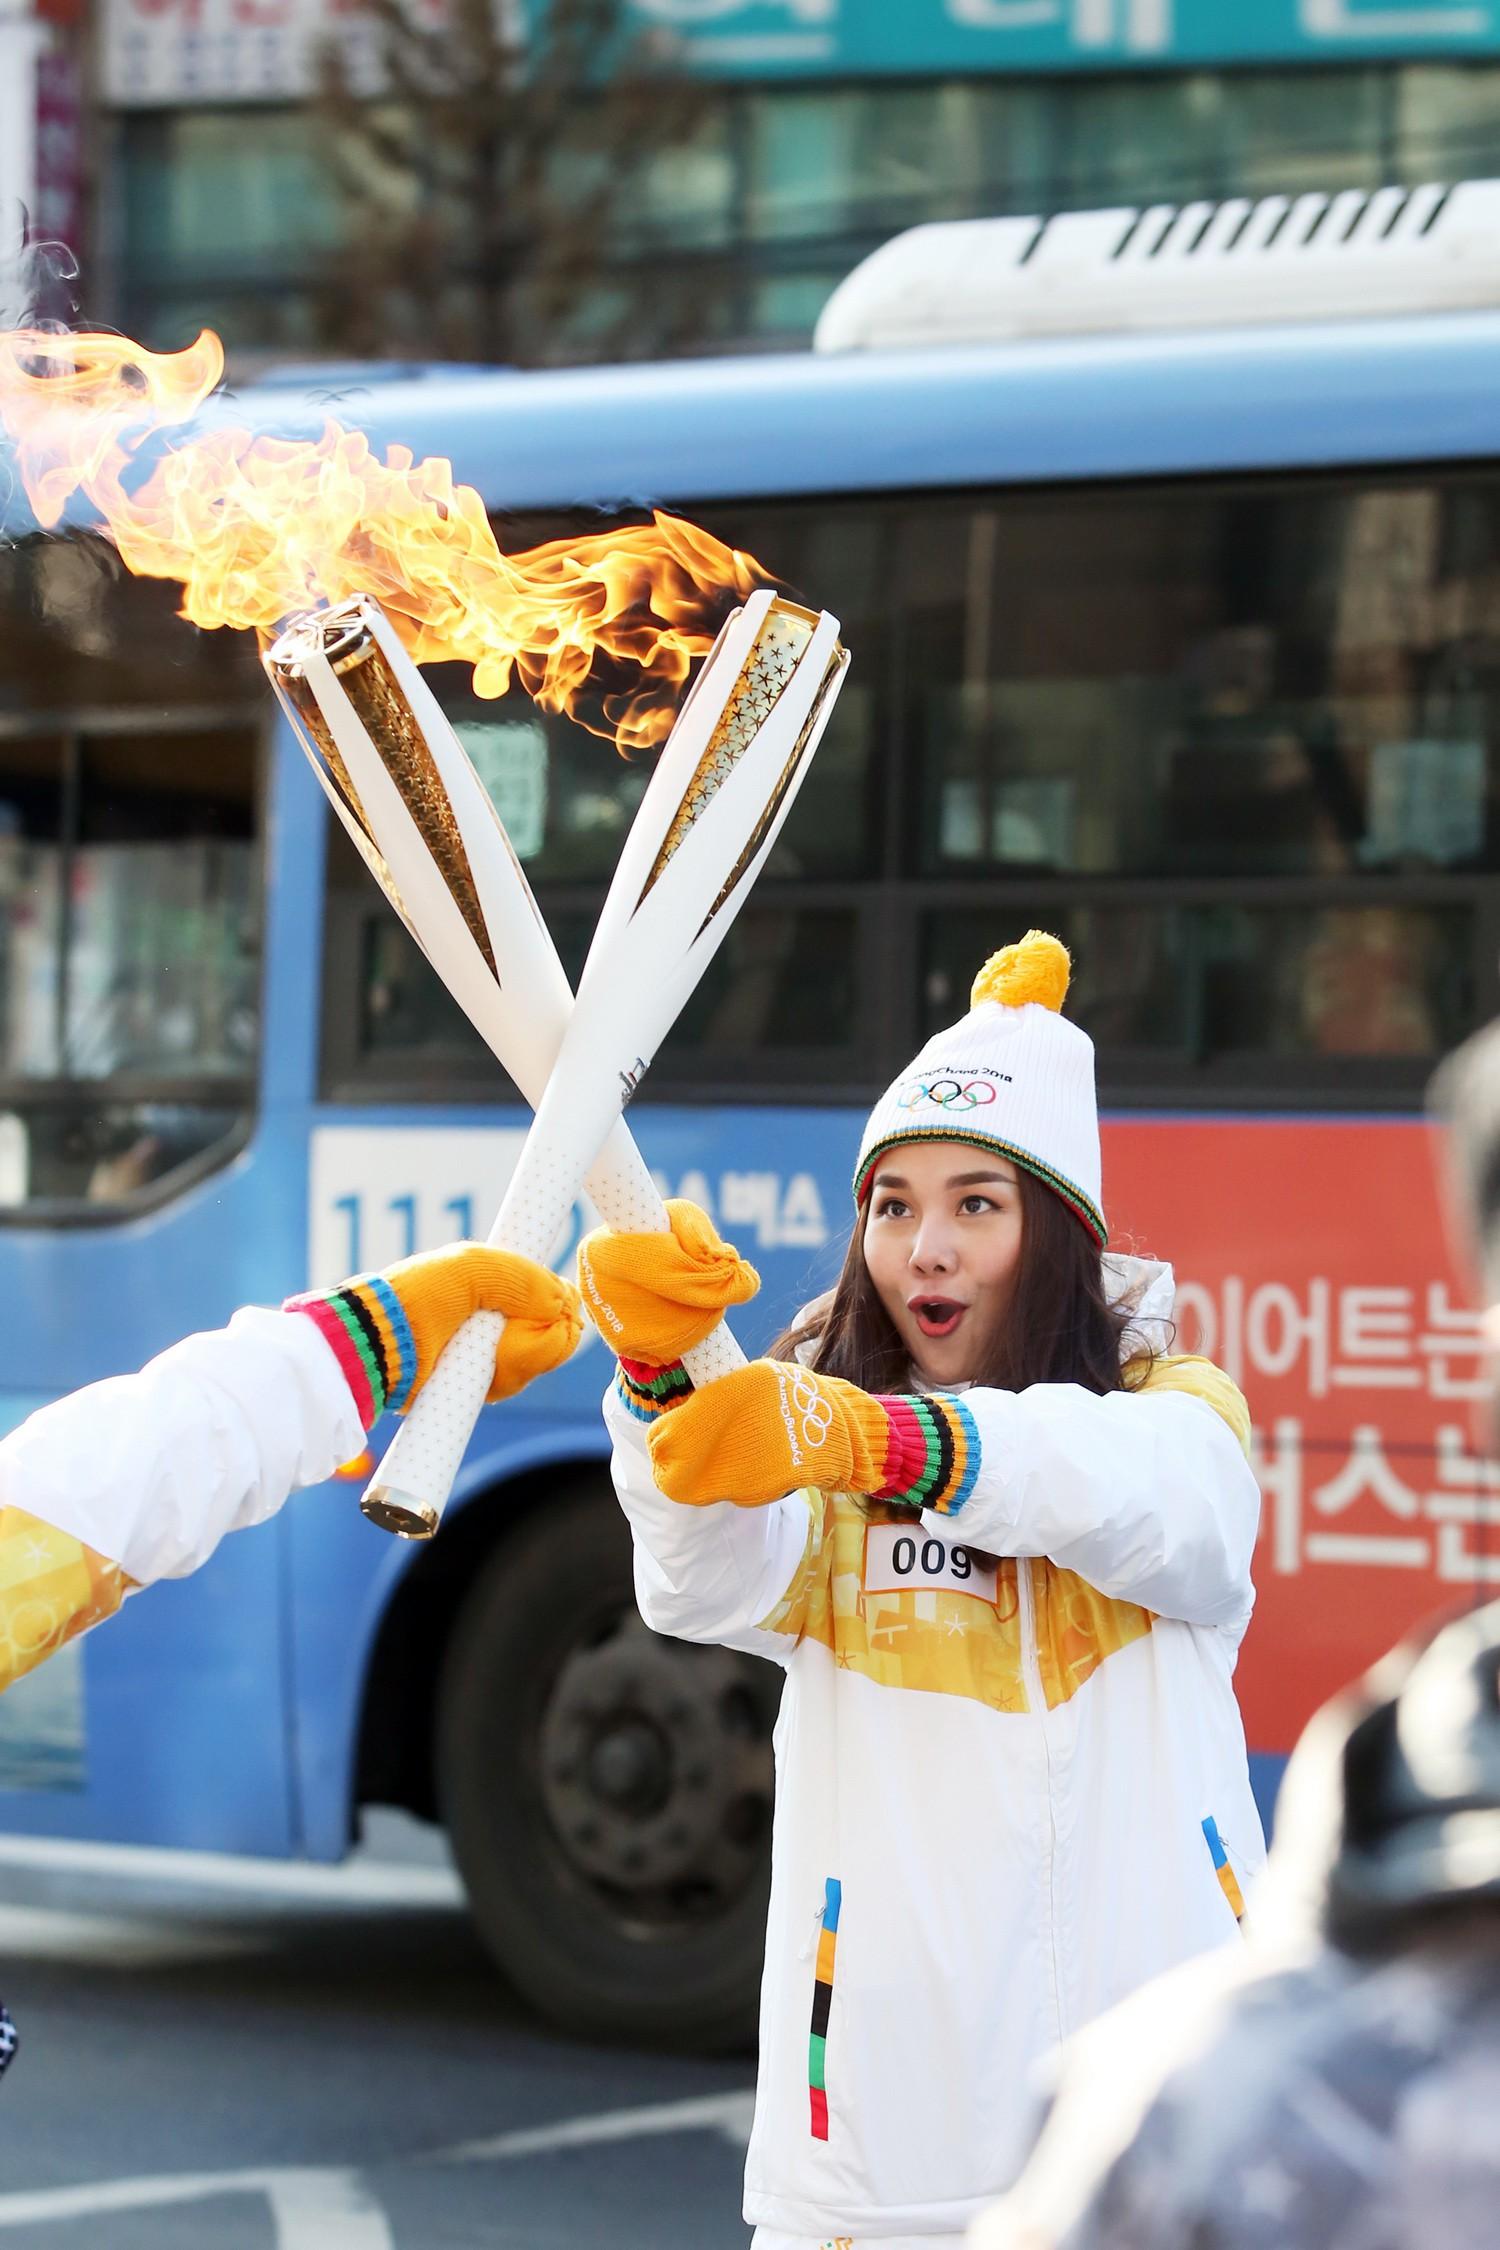 Trời lạnh -10 độ, Thanh Hằng vẫn đẹp rạng rỡ đi rước đuốc ở Thế vận hội mùa đông 2018 tại Hàn Quốc - Ảnh 6.